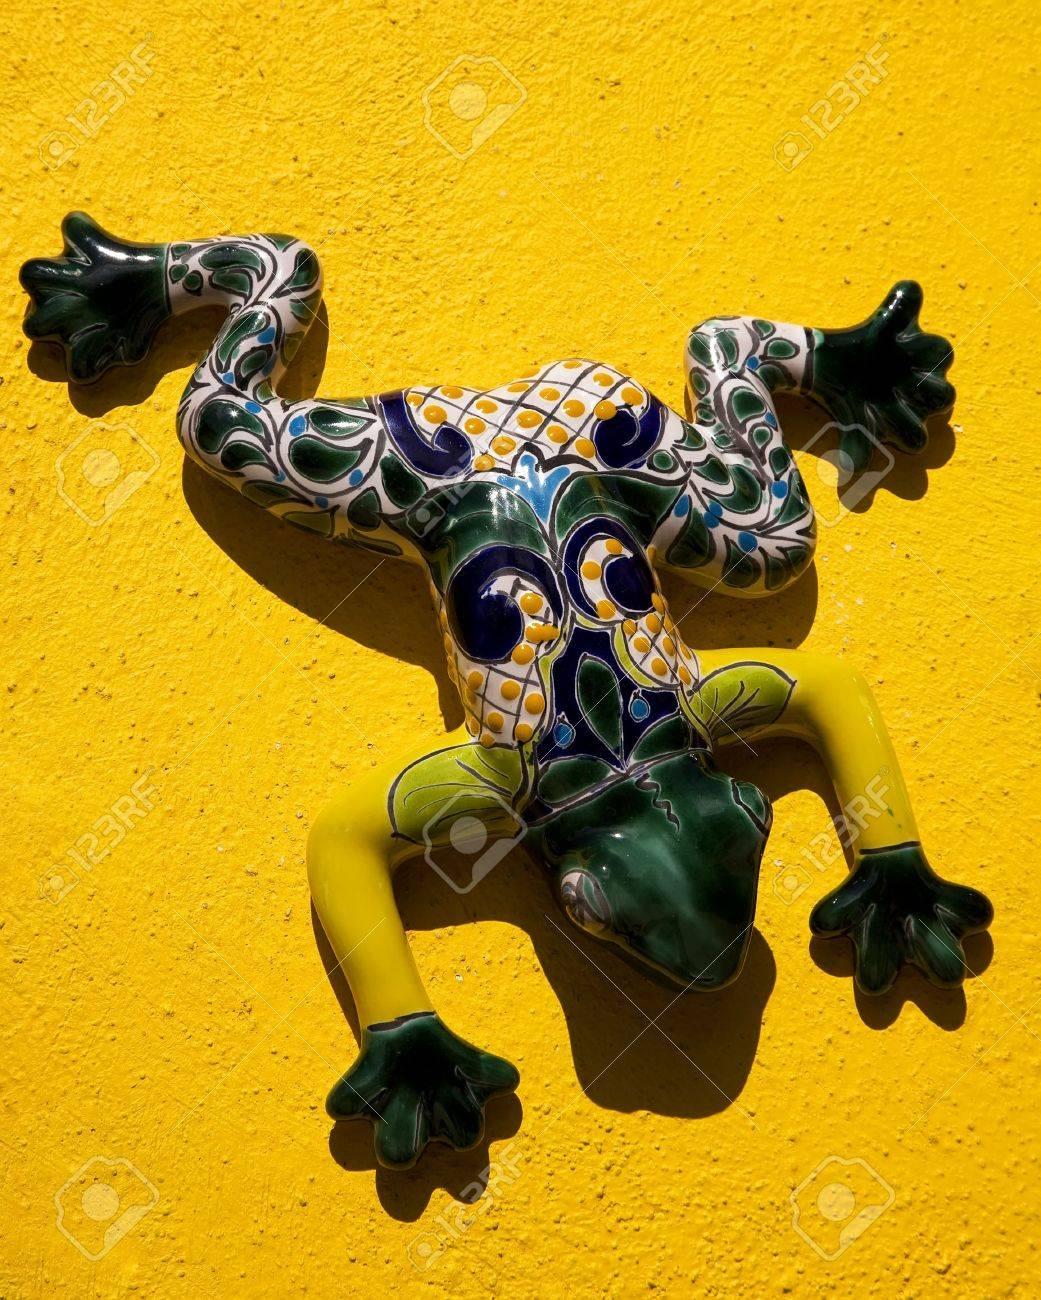 Mexican Ceramic Frog, Yellow Wall, Guanajuato, Mexico. Guanajuato ...